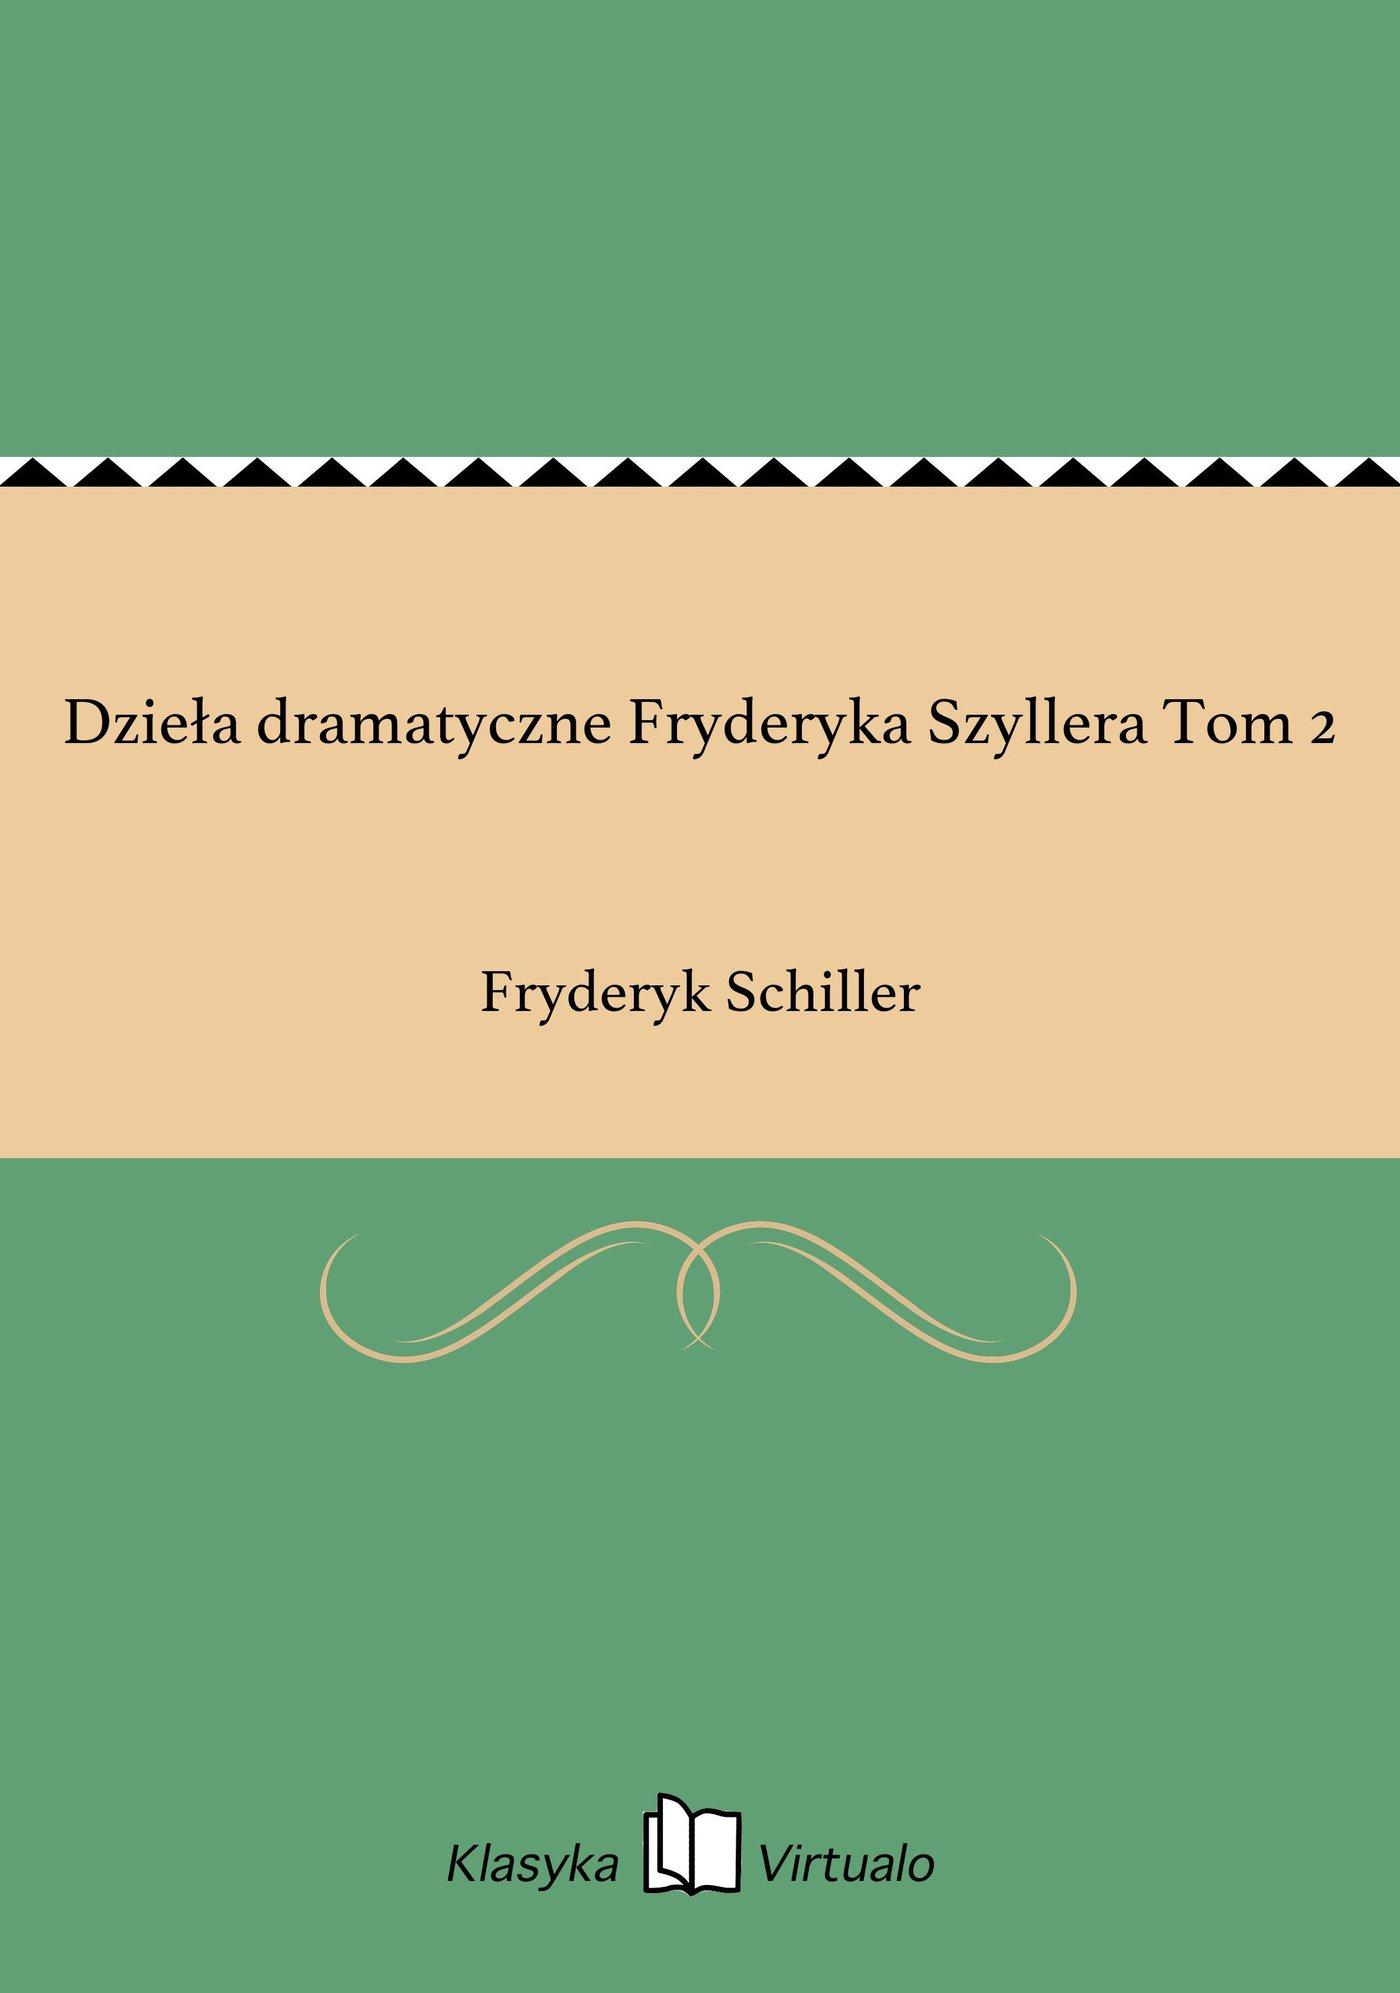 Dzieła dramatyczne Fryderyka Szyllera Tom 2 - Ebook (Książka EPUB) do pobrania w formacie EPUB